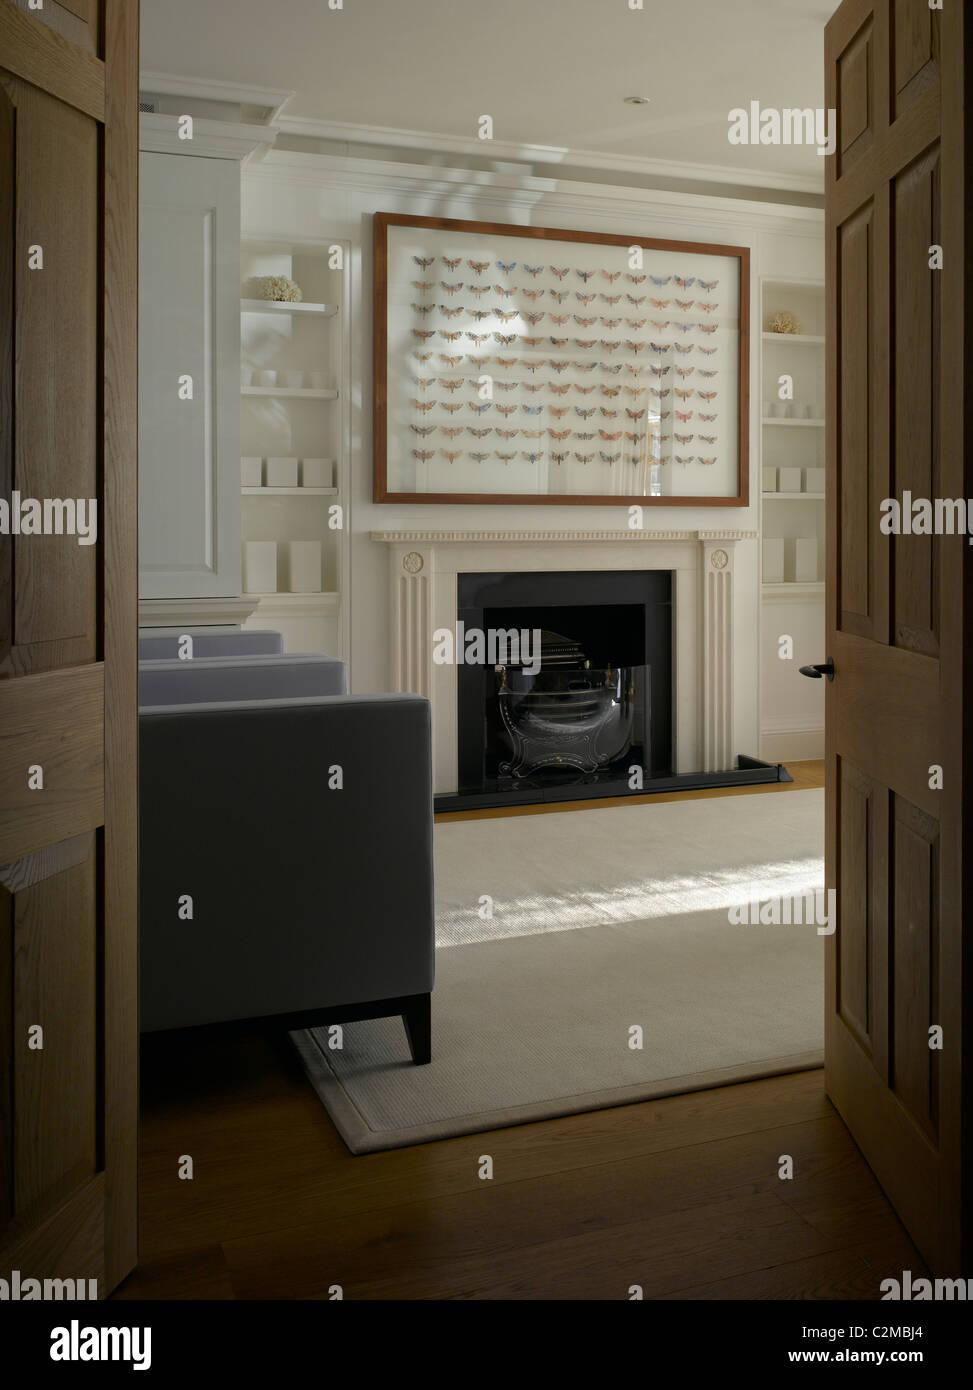 Chambre à Chelsea, Londres. Monochrome moderne et élégant salon avec cheminée Banque D'Images